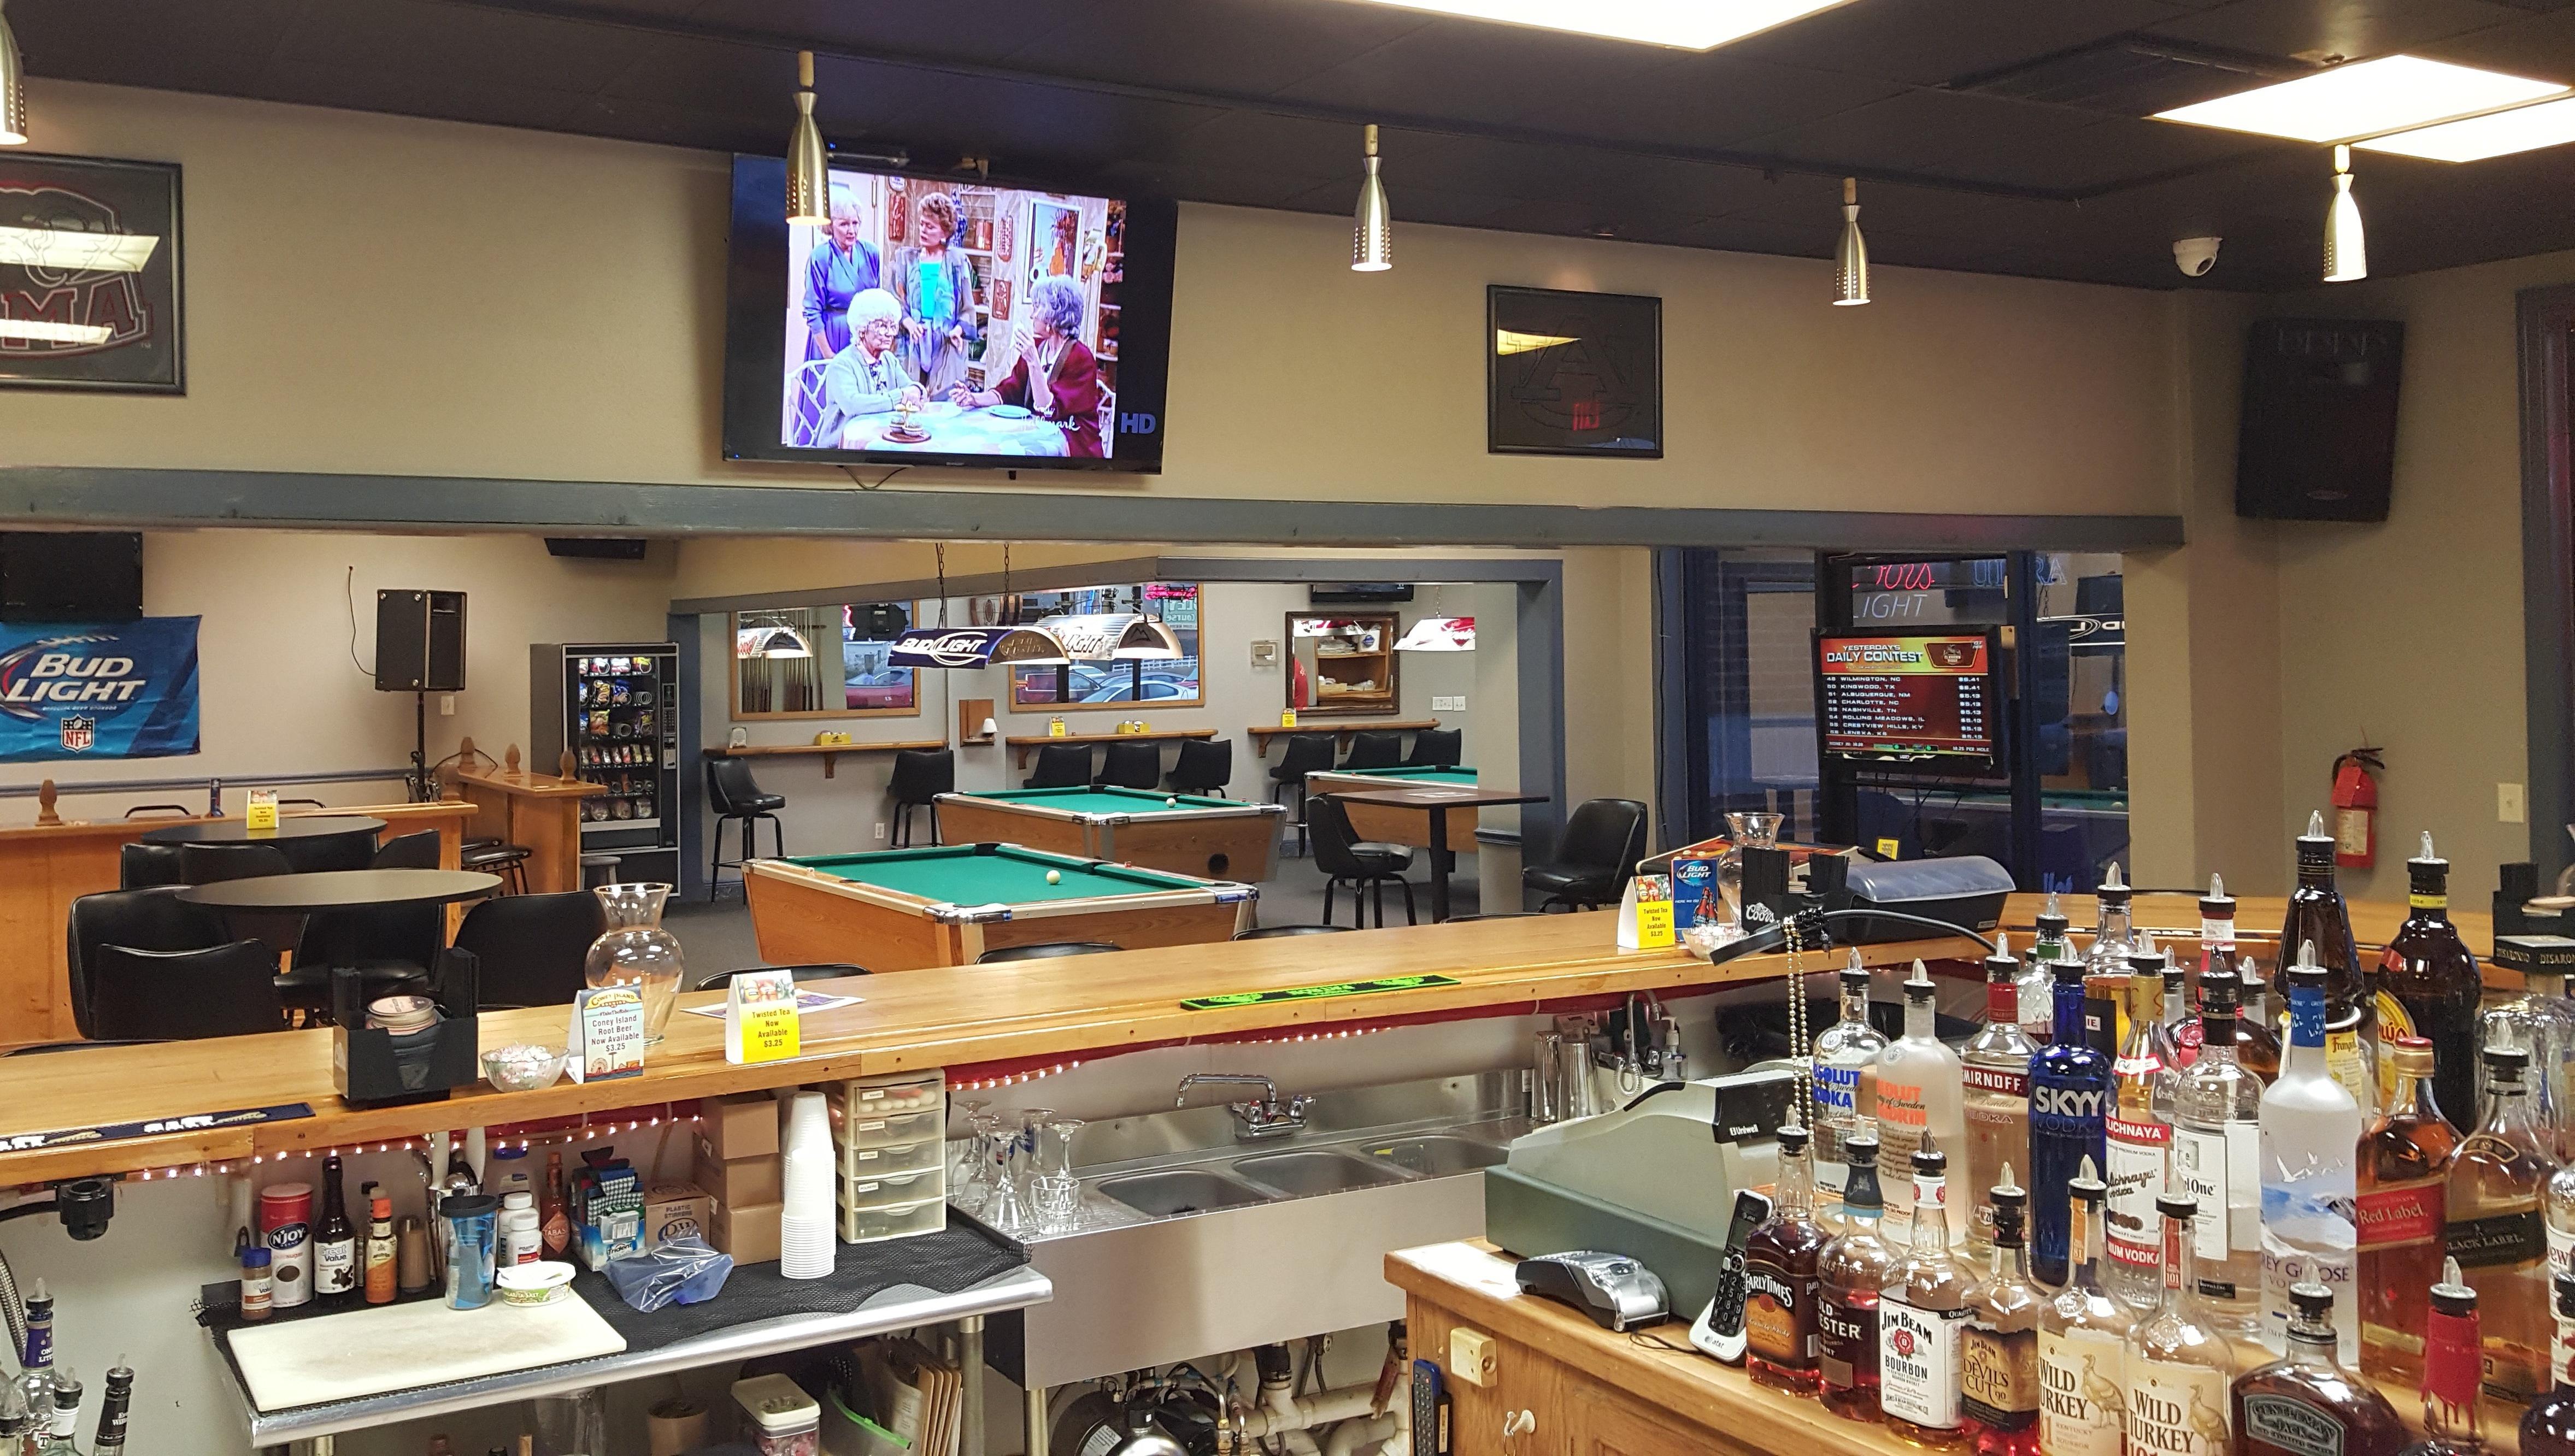 Friends enjoying at the sports bar in Foley, AL